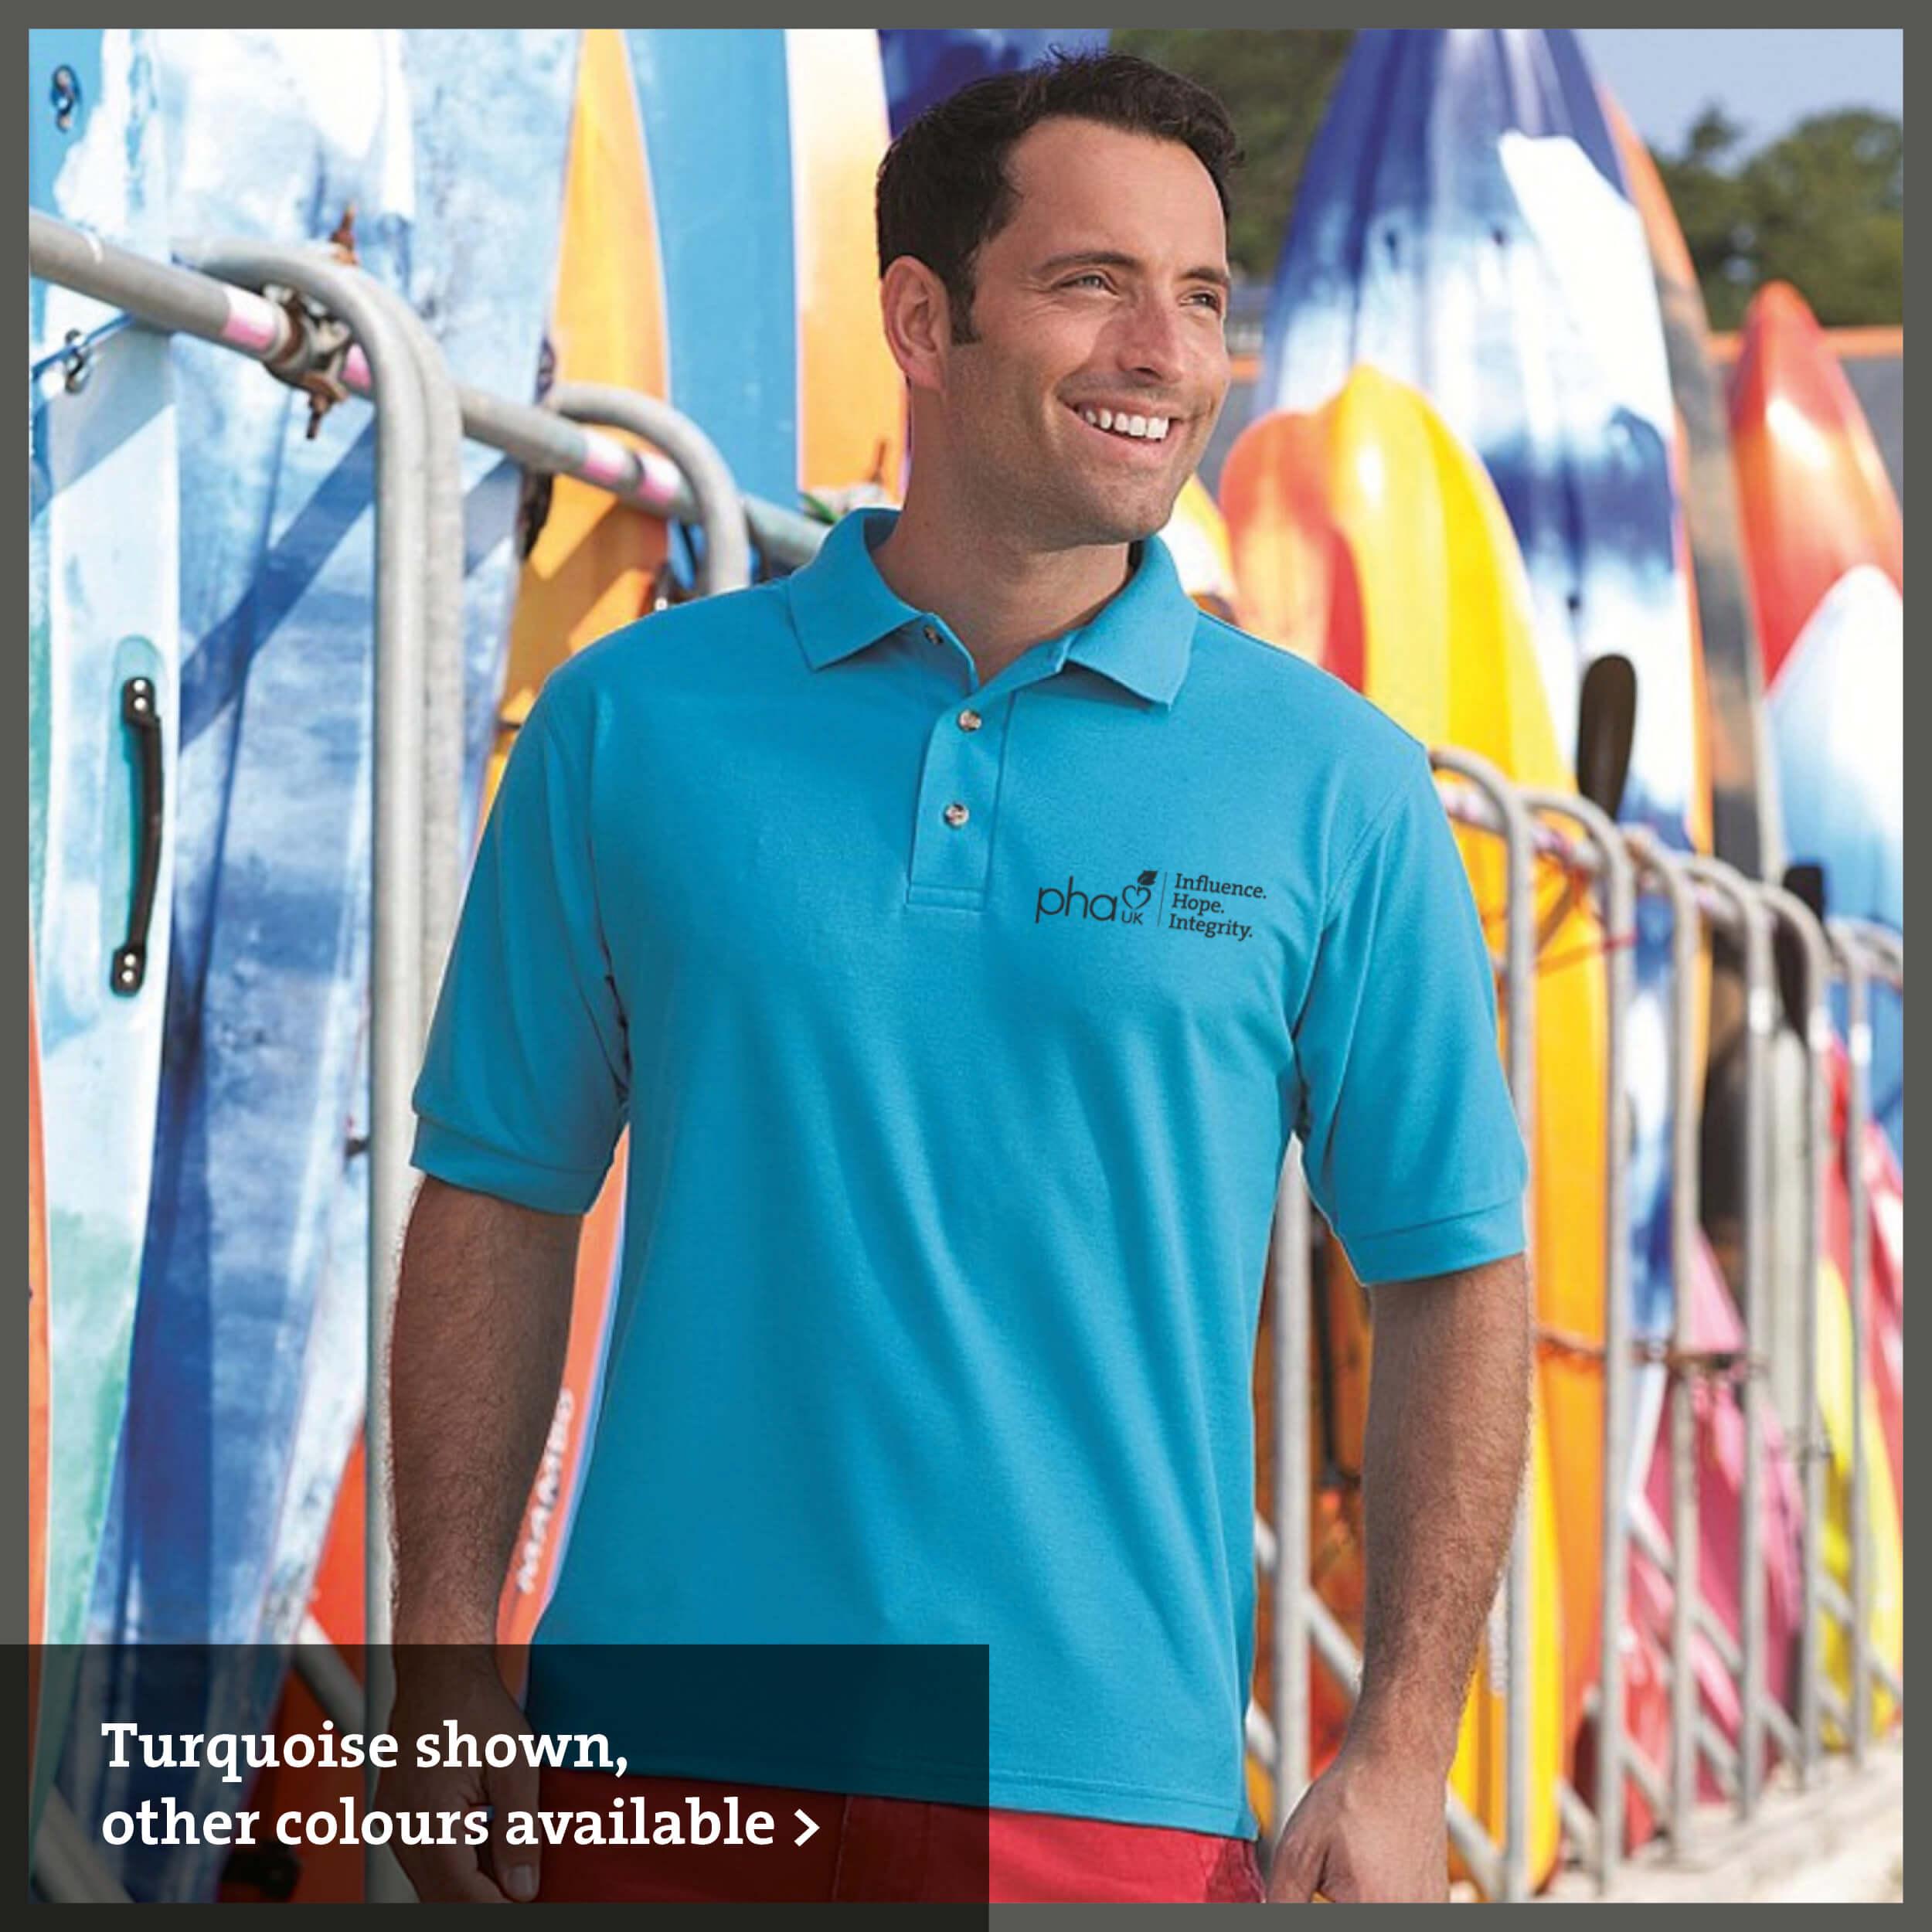 PHA UK branded Polo shirt